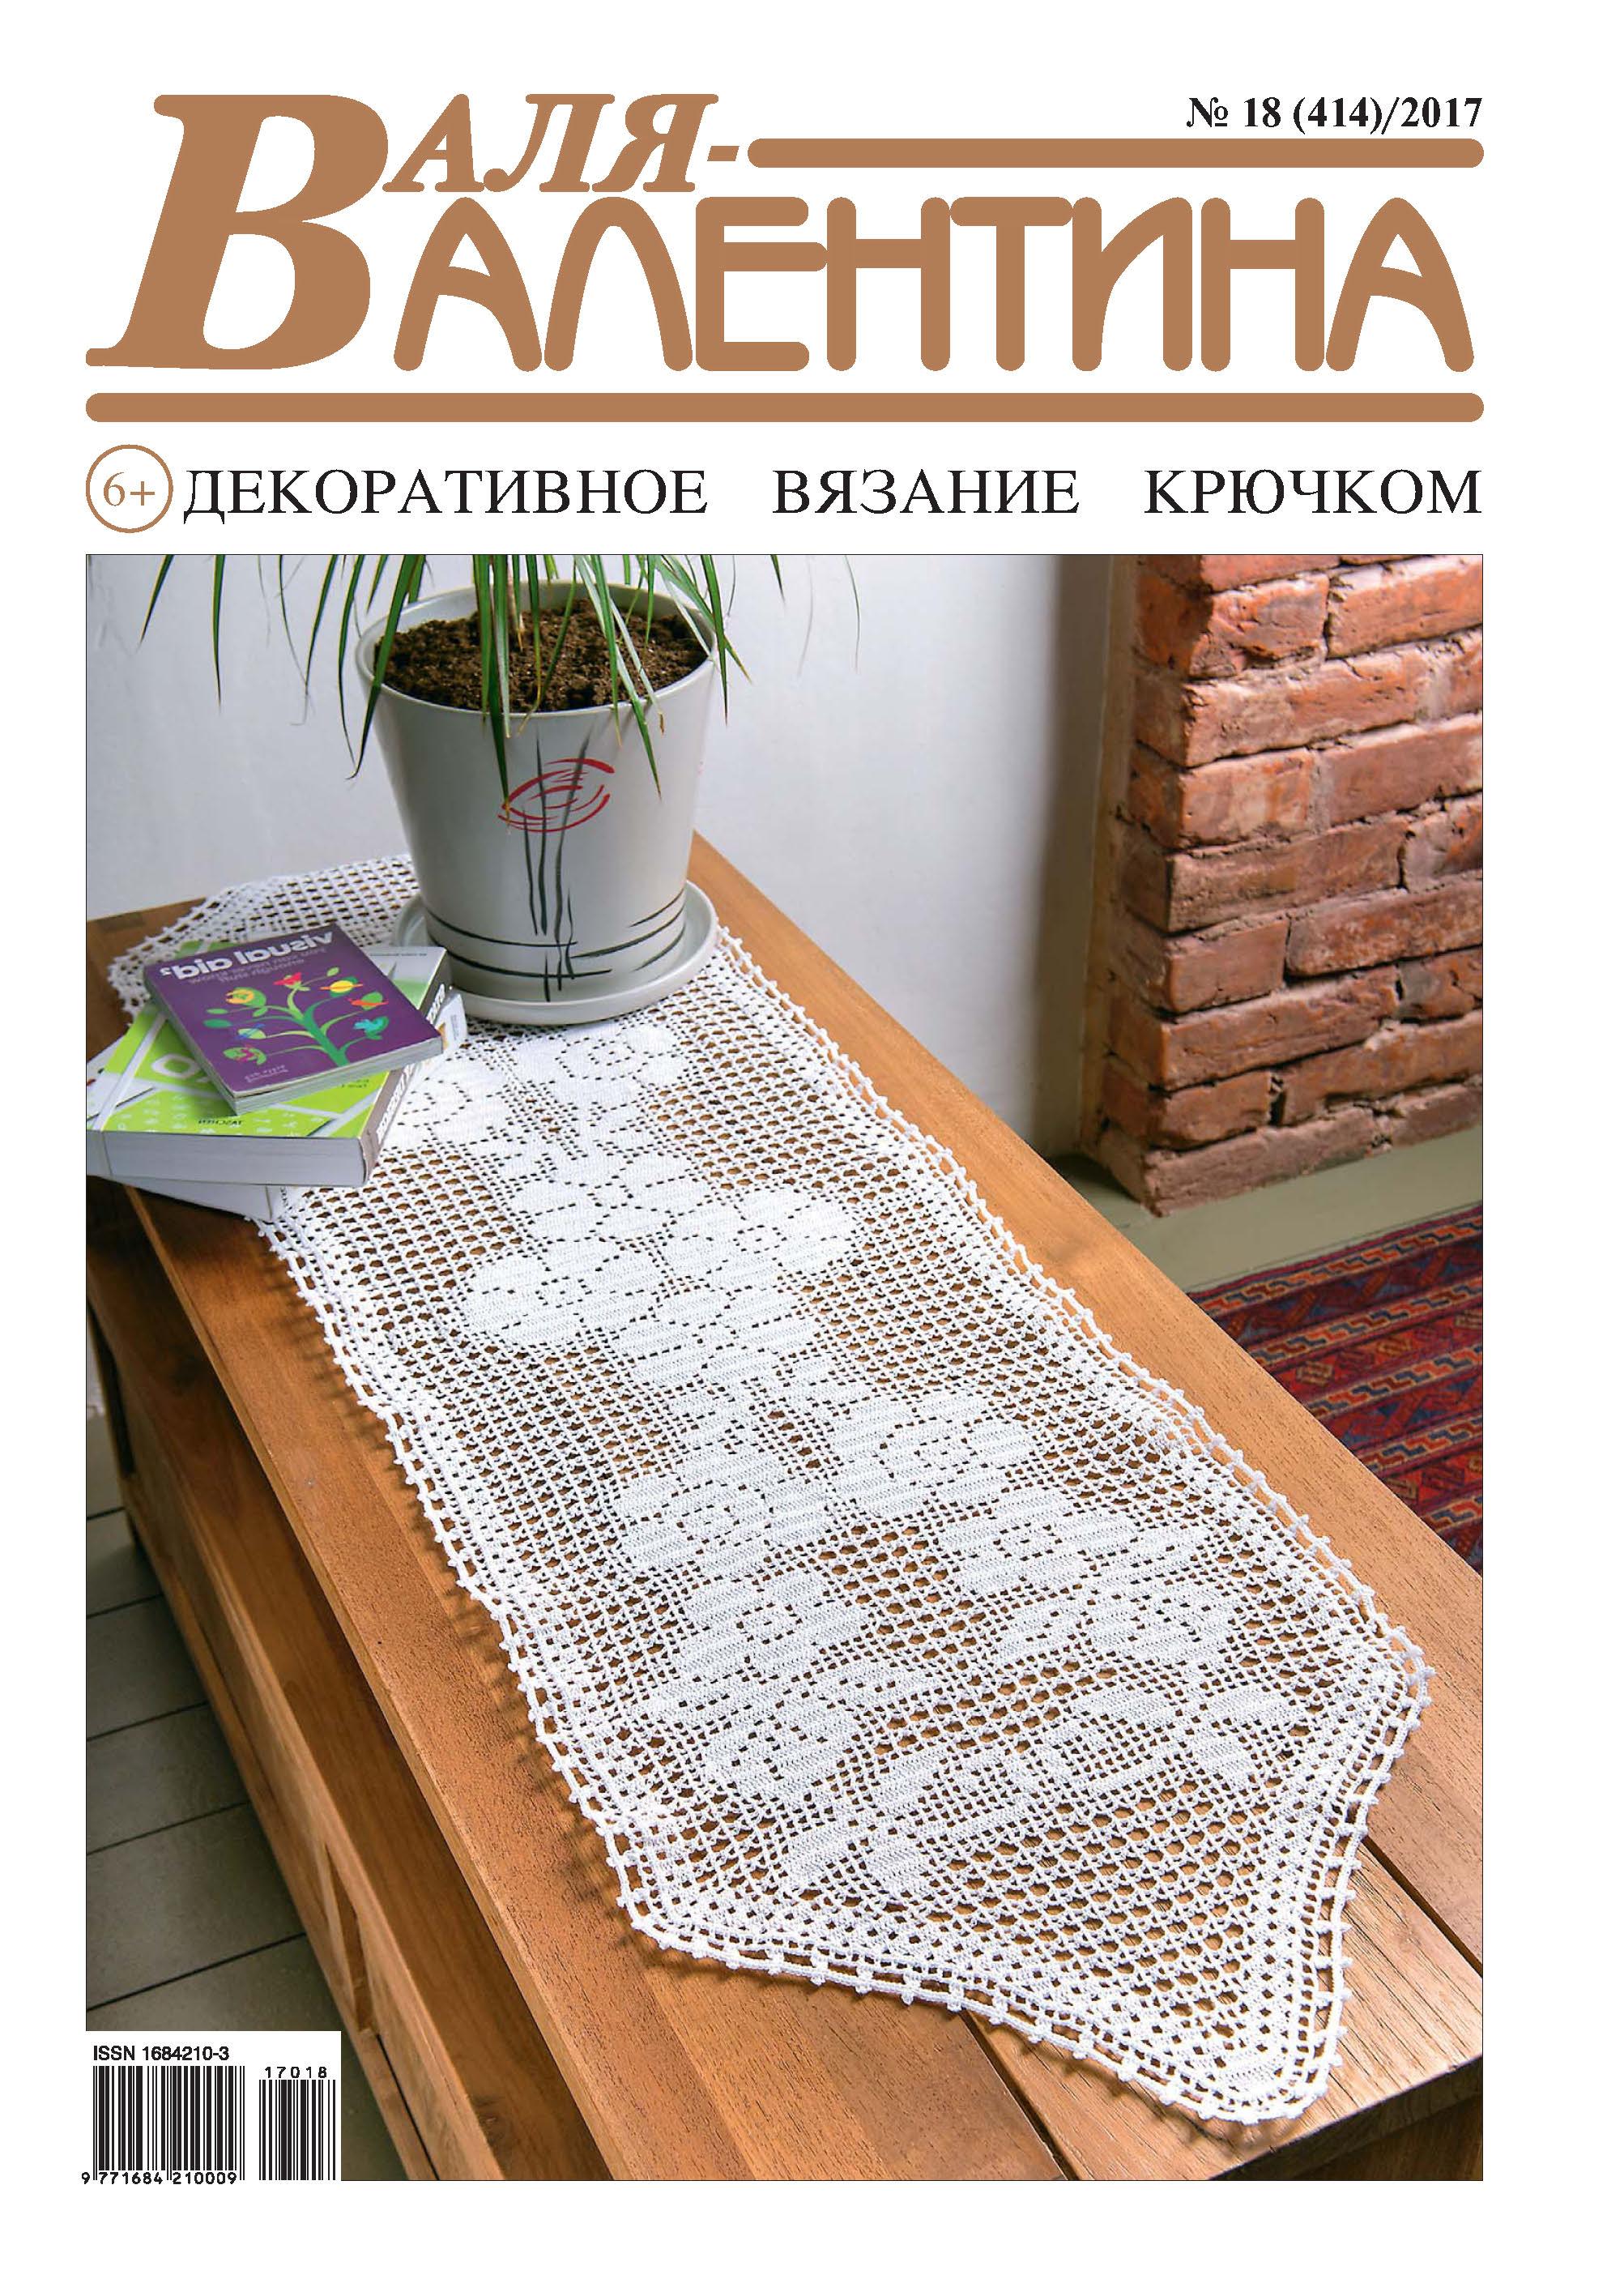 Валя-Валентина. Декоративное вязание крючком. №18/2017_Отсутствует